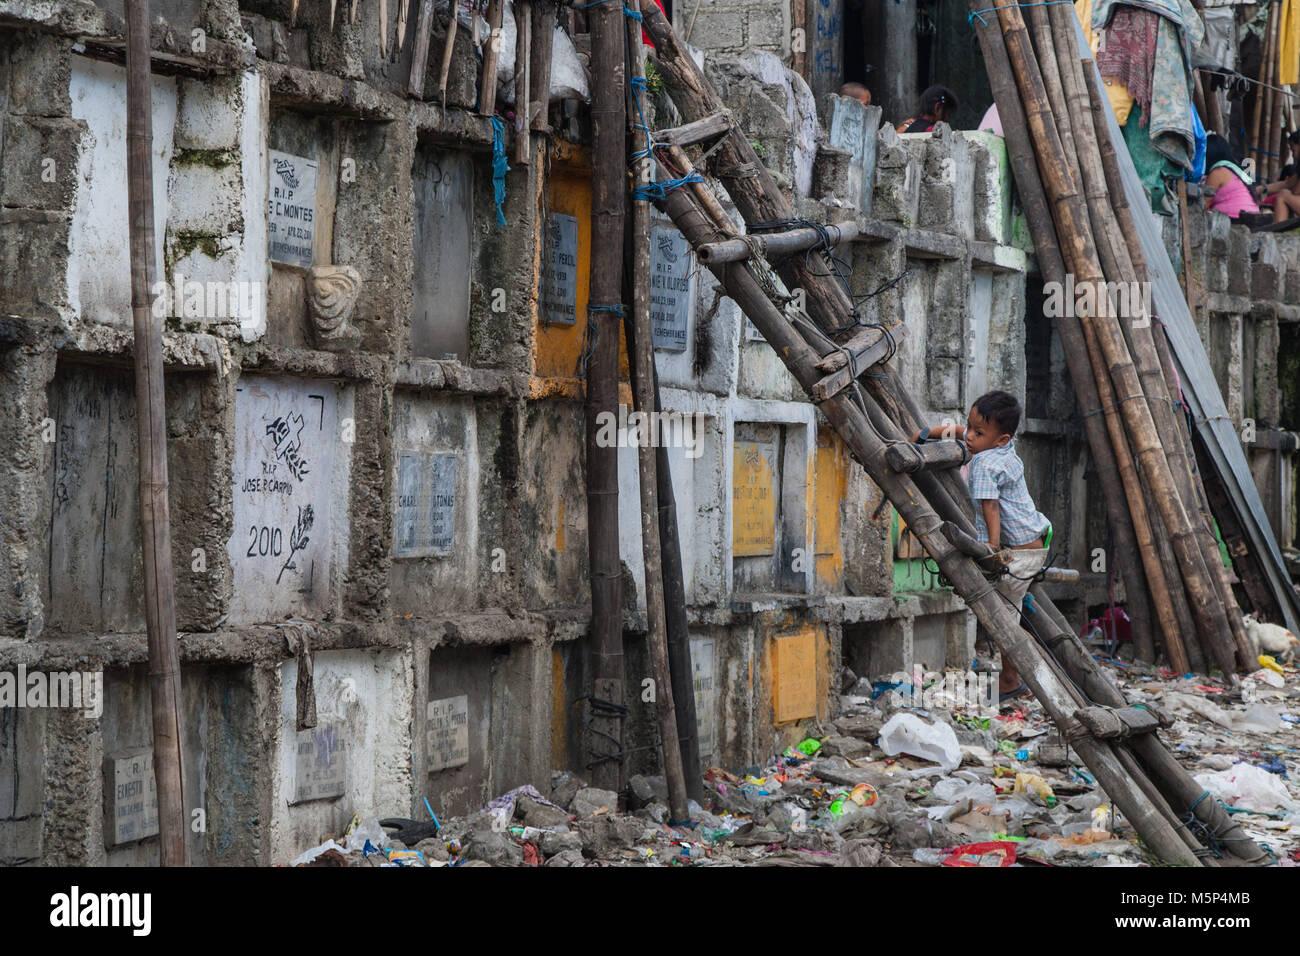 Navotas, Manila, Philippinen. 7. Apr 2015. Kinder in der navotas ...